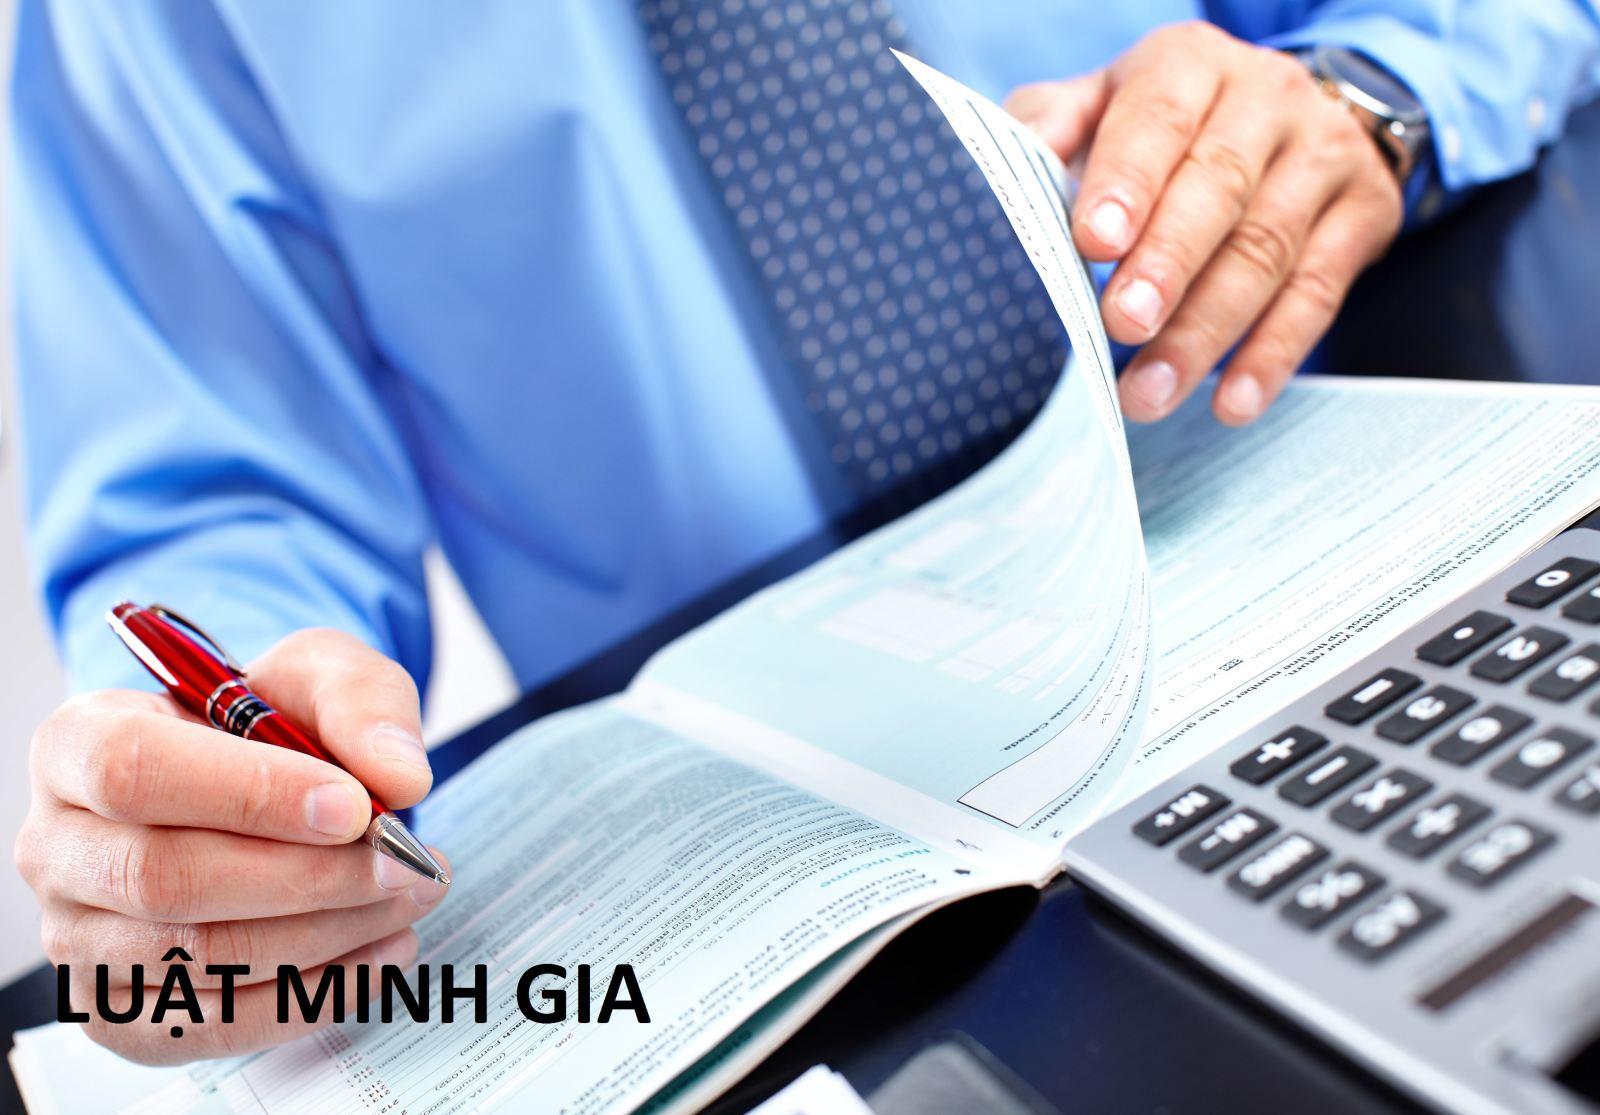 Quy định về bổ nhiệm, bãi nhiệm trong doanh nghiệp có vốn đầu tư nước ngoài?